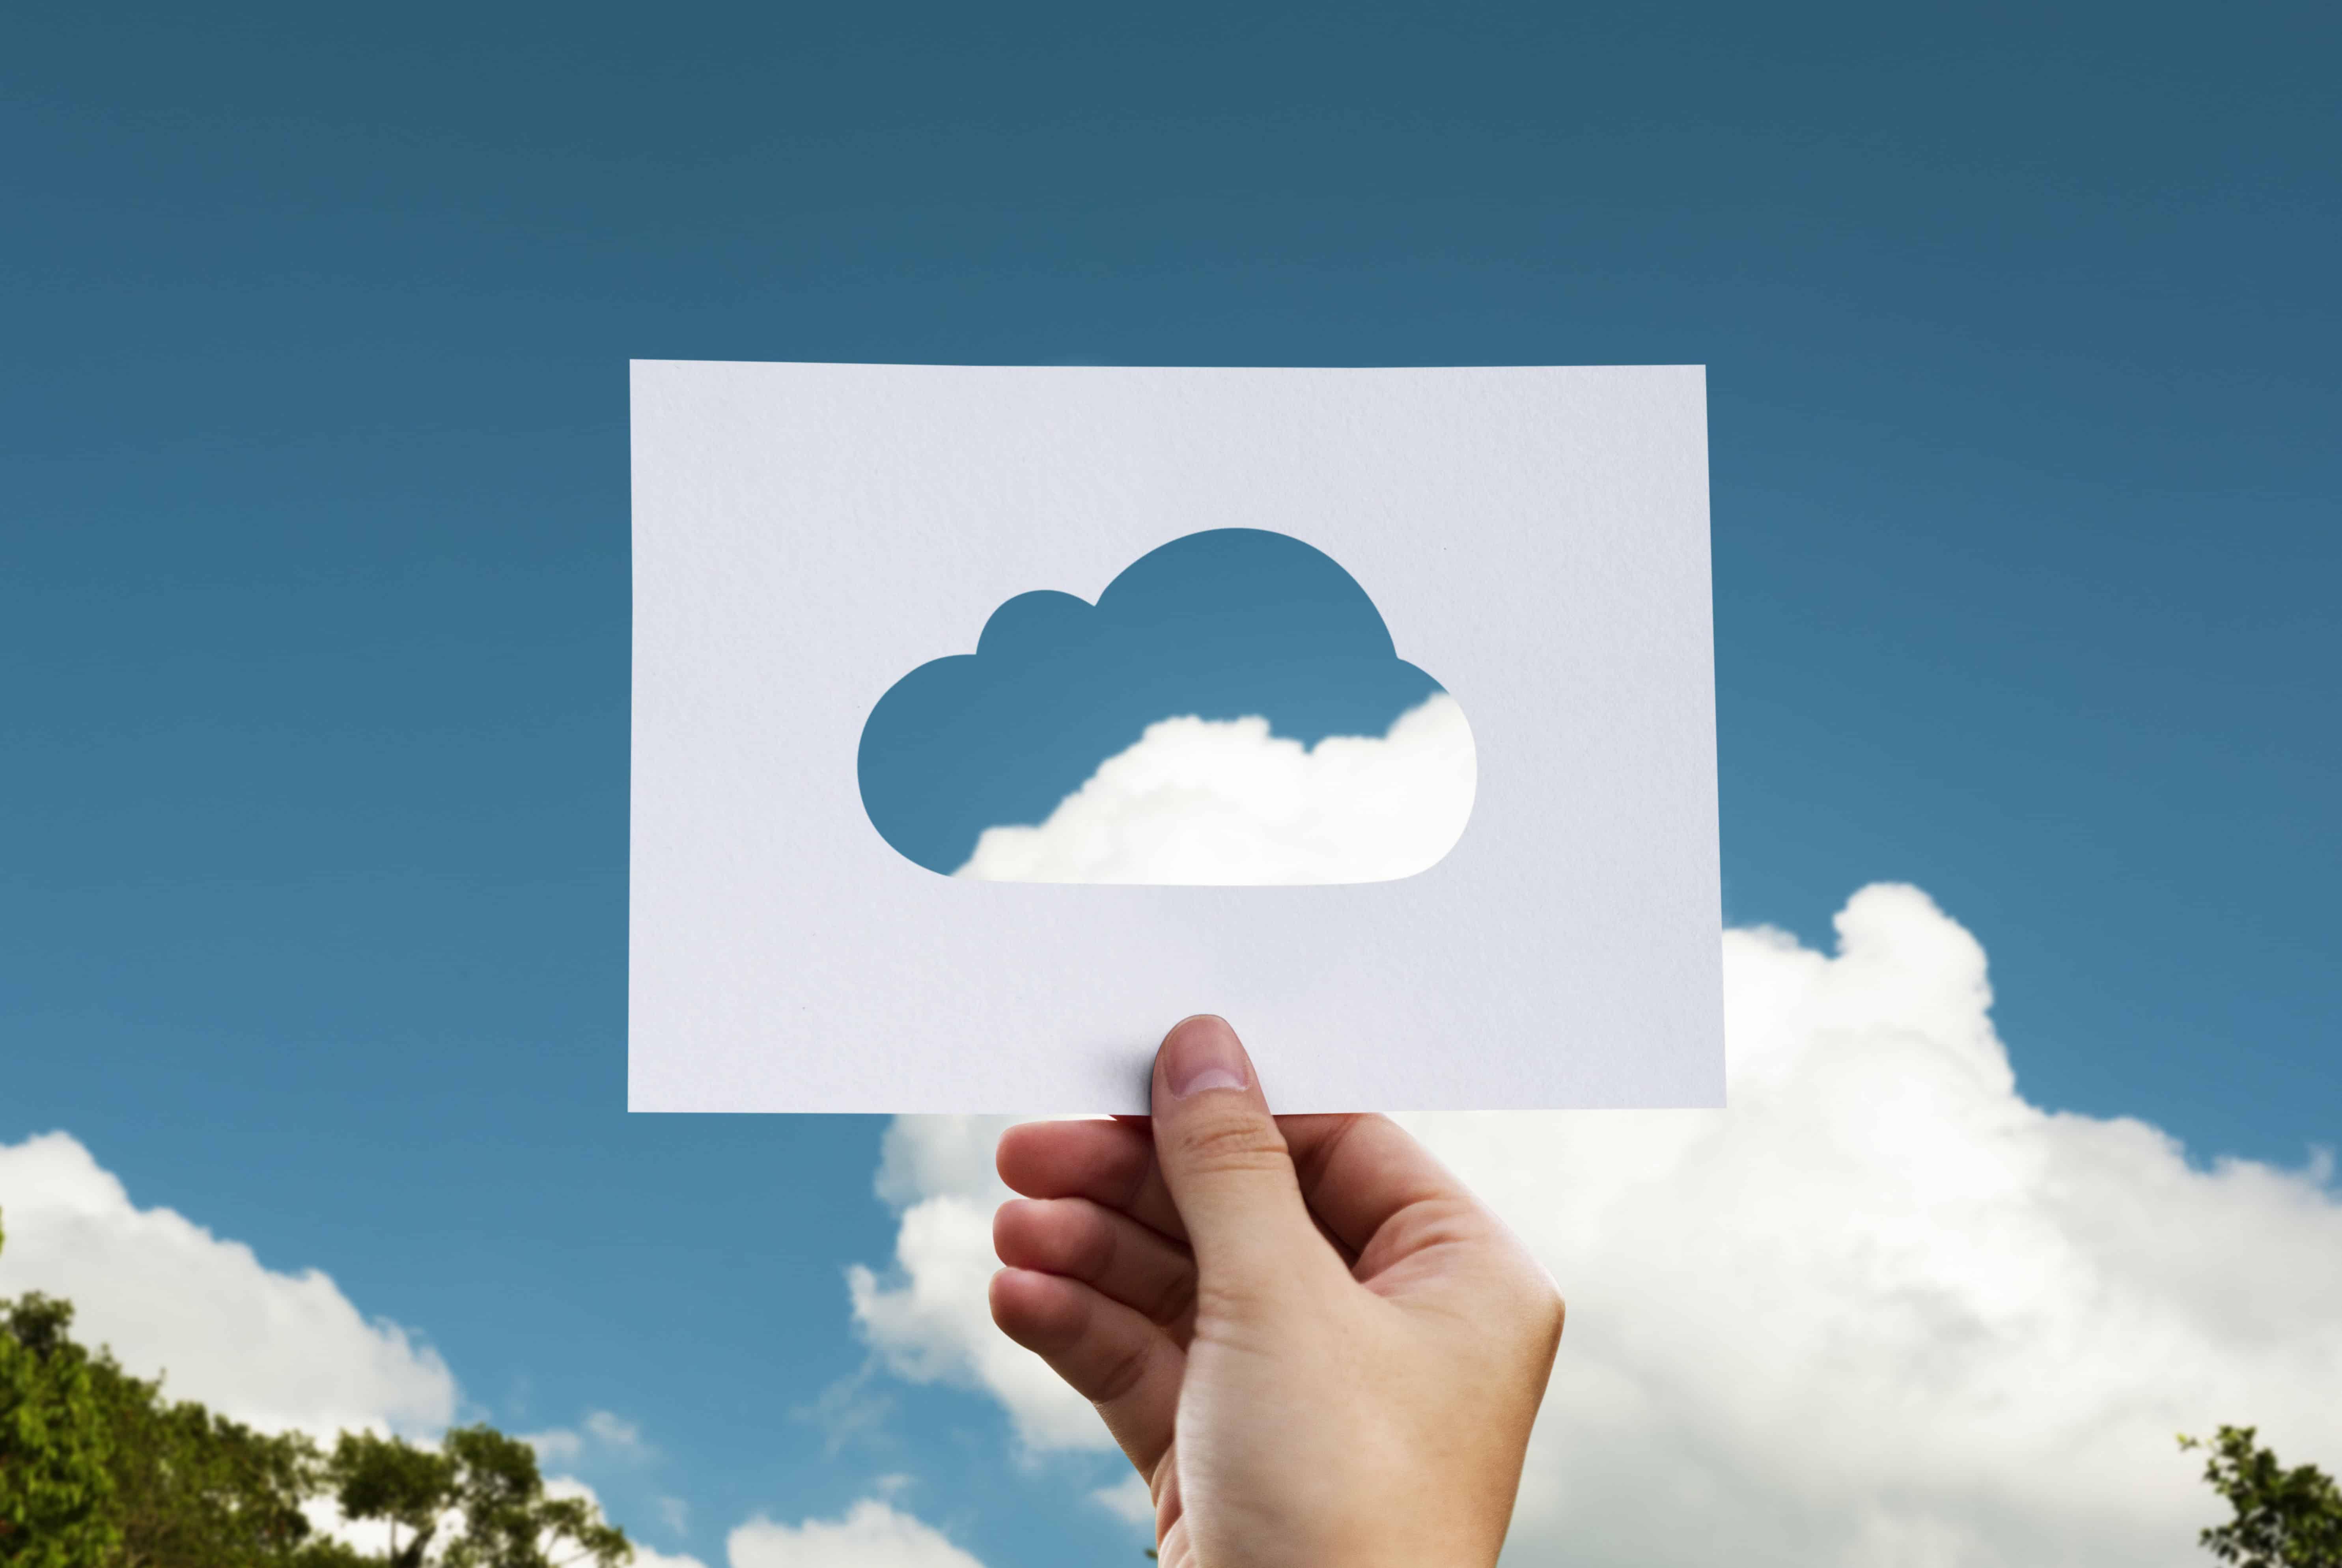 cloud-computing-migration-services-west-palm-beach